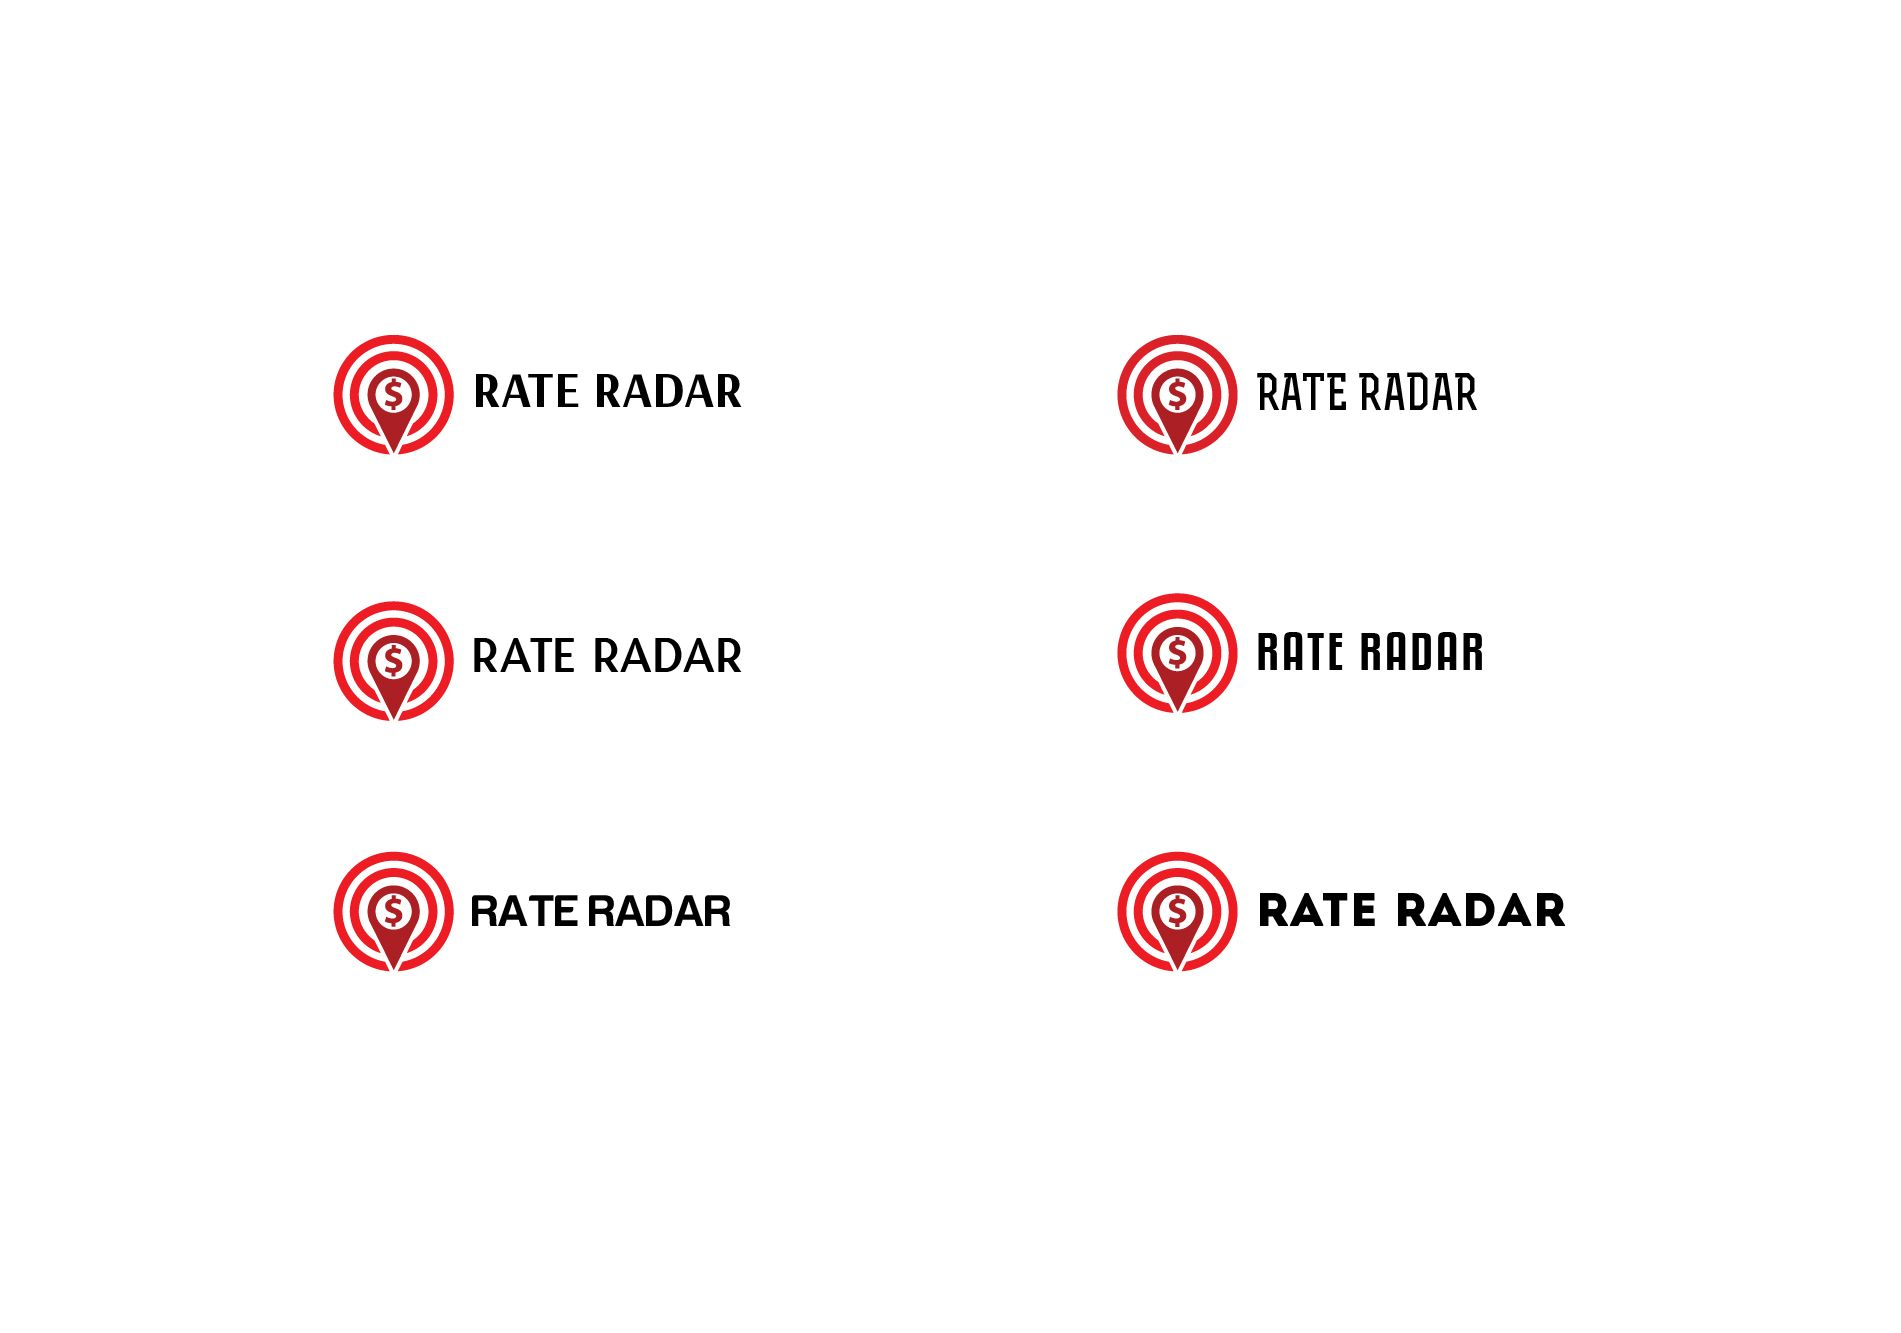 Фирменный стиль + лого для Rate Radar - дизайнер andyul